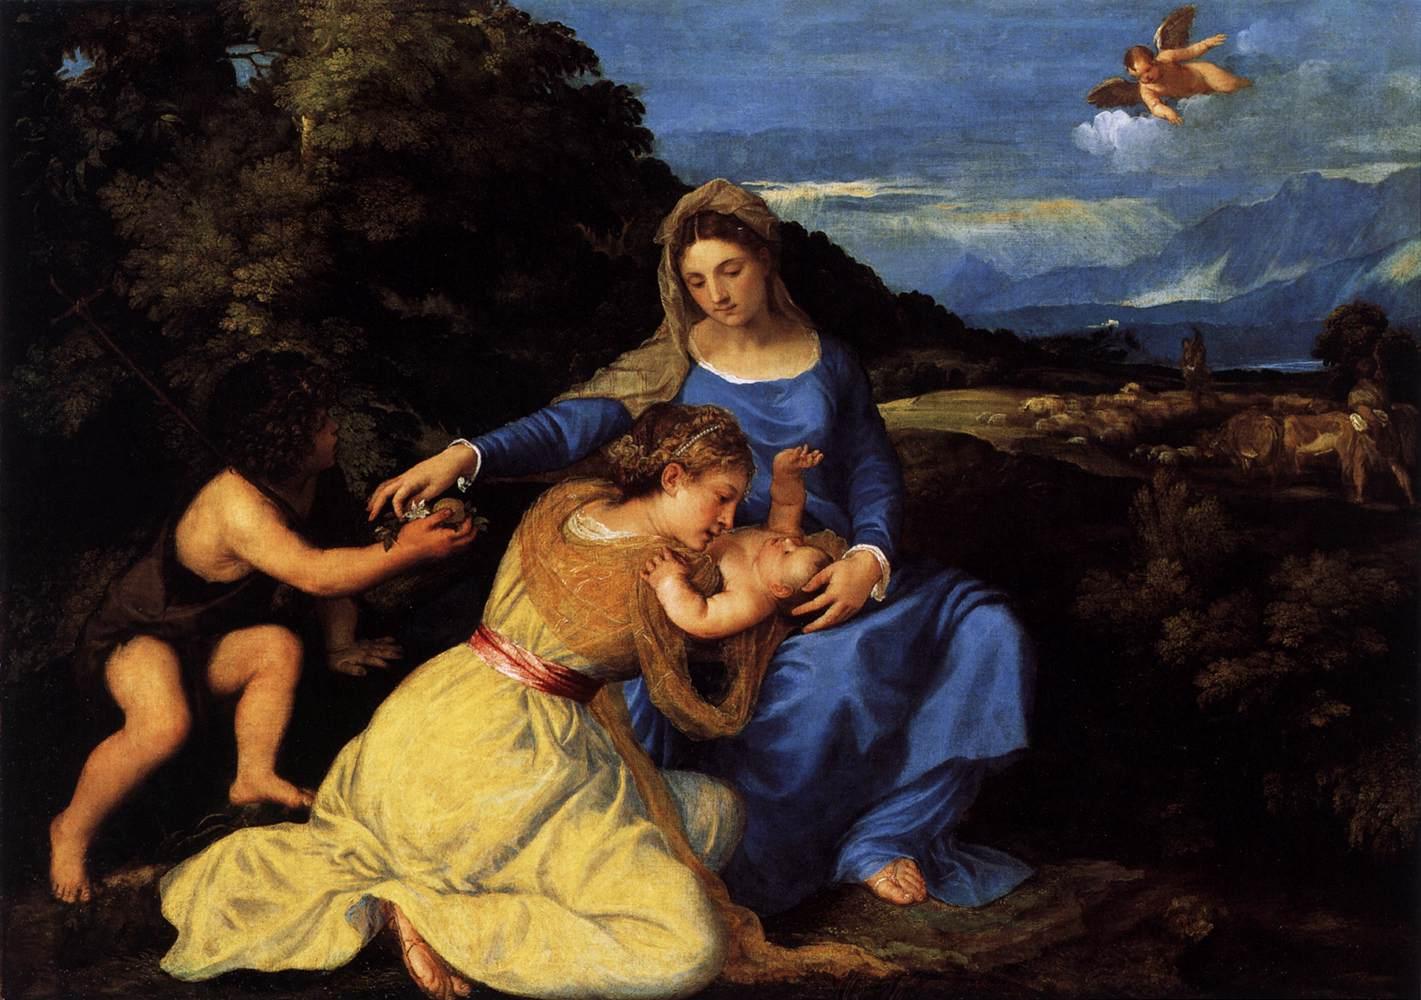 Мадонна с младенцем и святыми :: Тициан Вачелио - Tiziano Veccellio фото